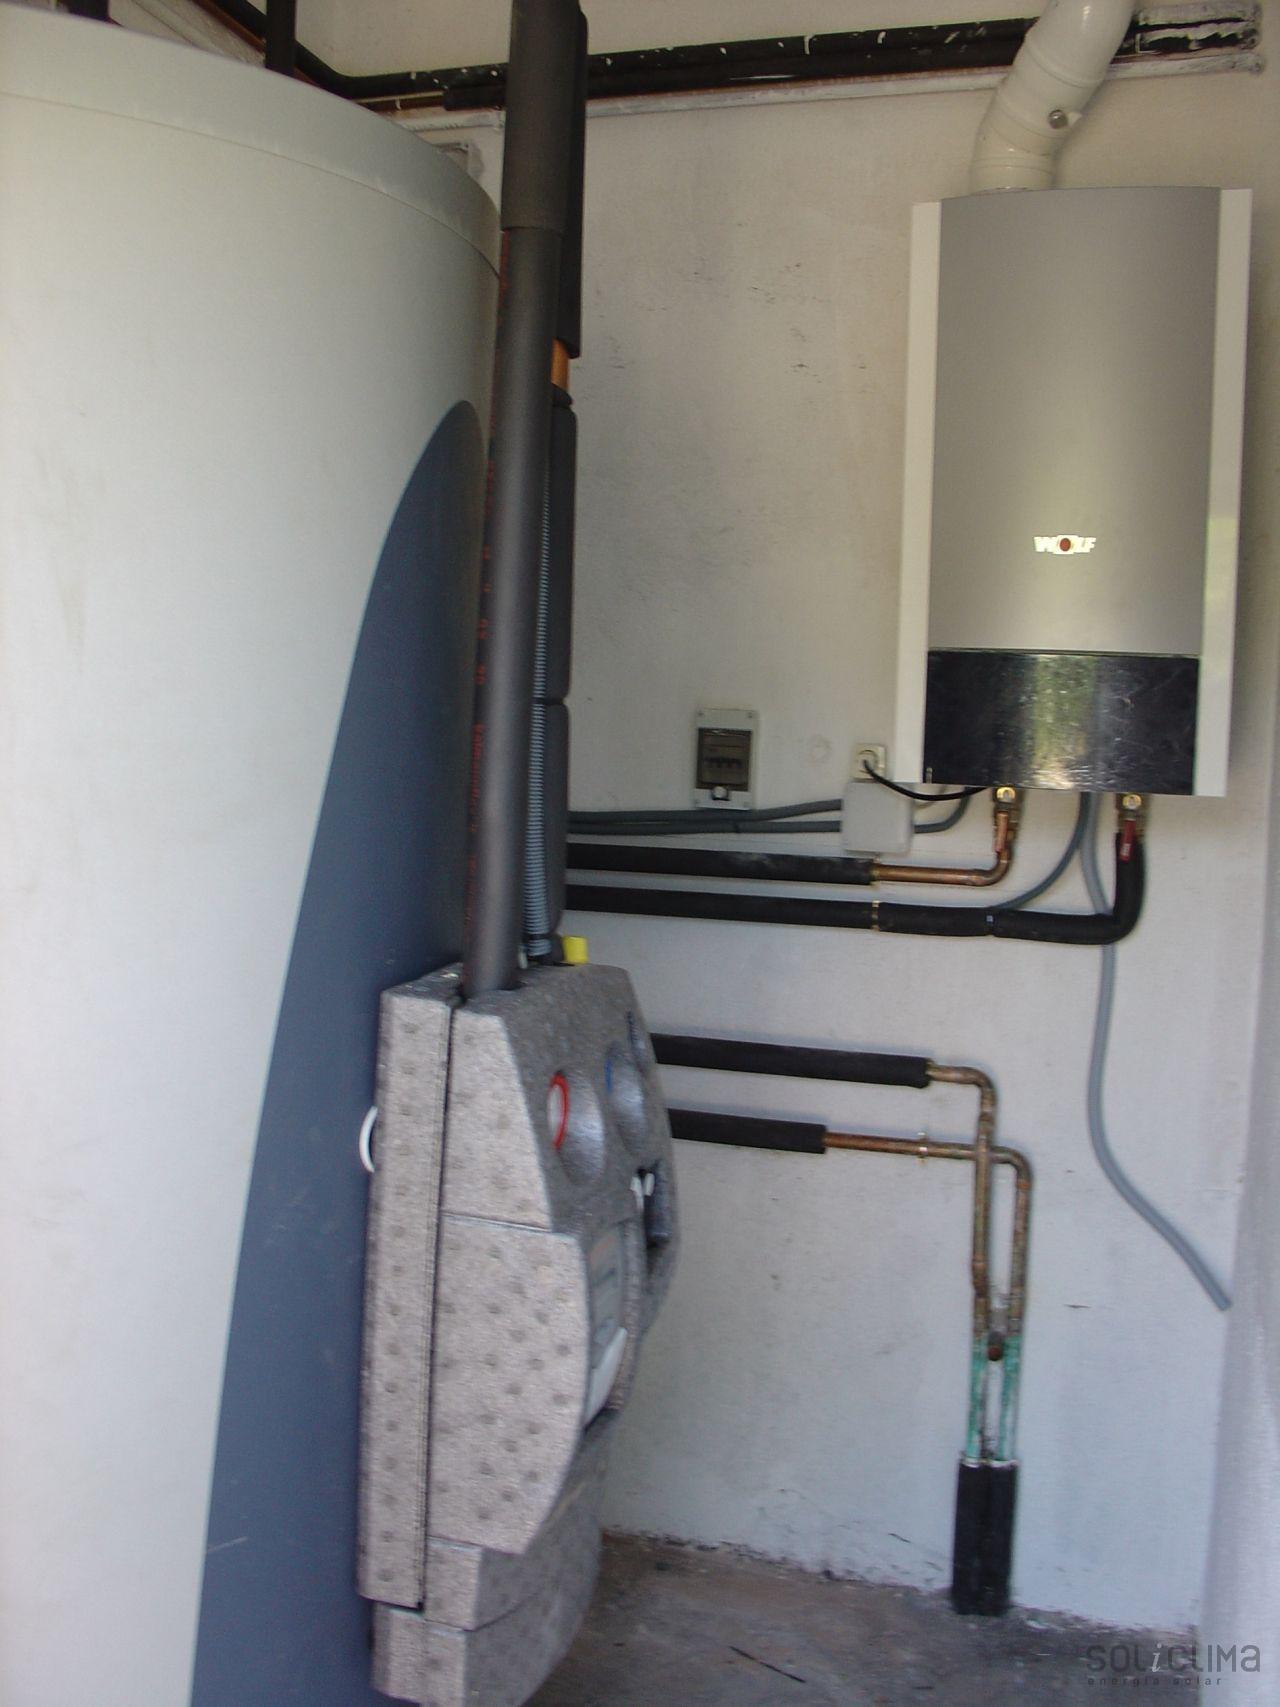 Instalaciones calefacci n por suelo radiante 1 - Calefaccion radiadores o suelo radiante ...